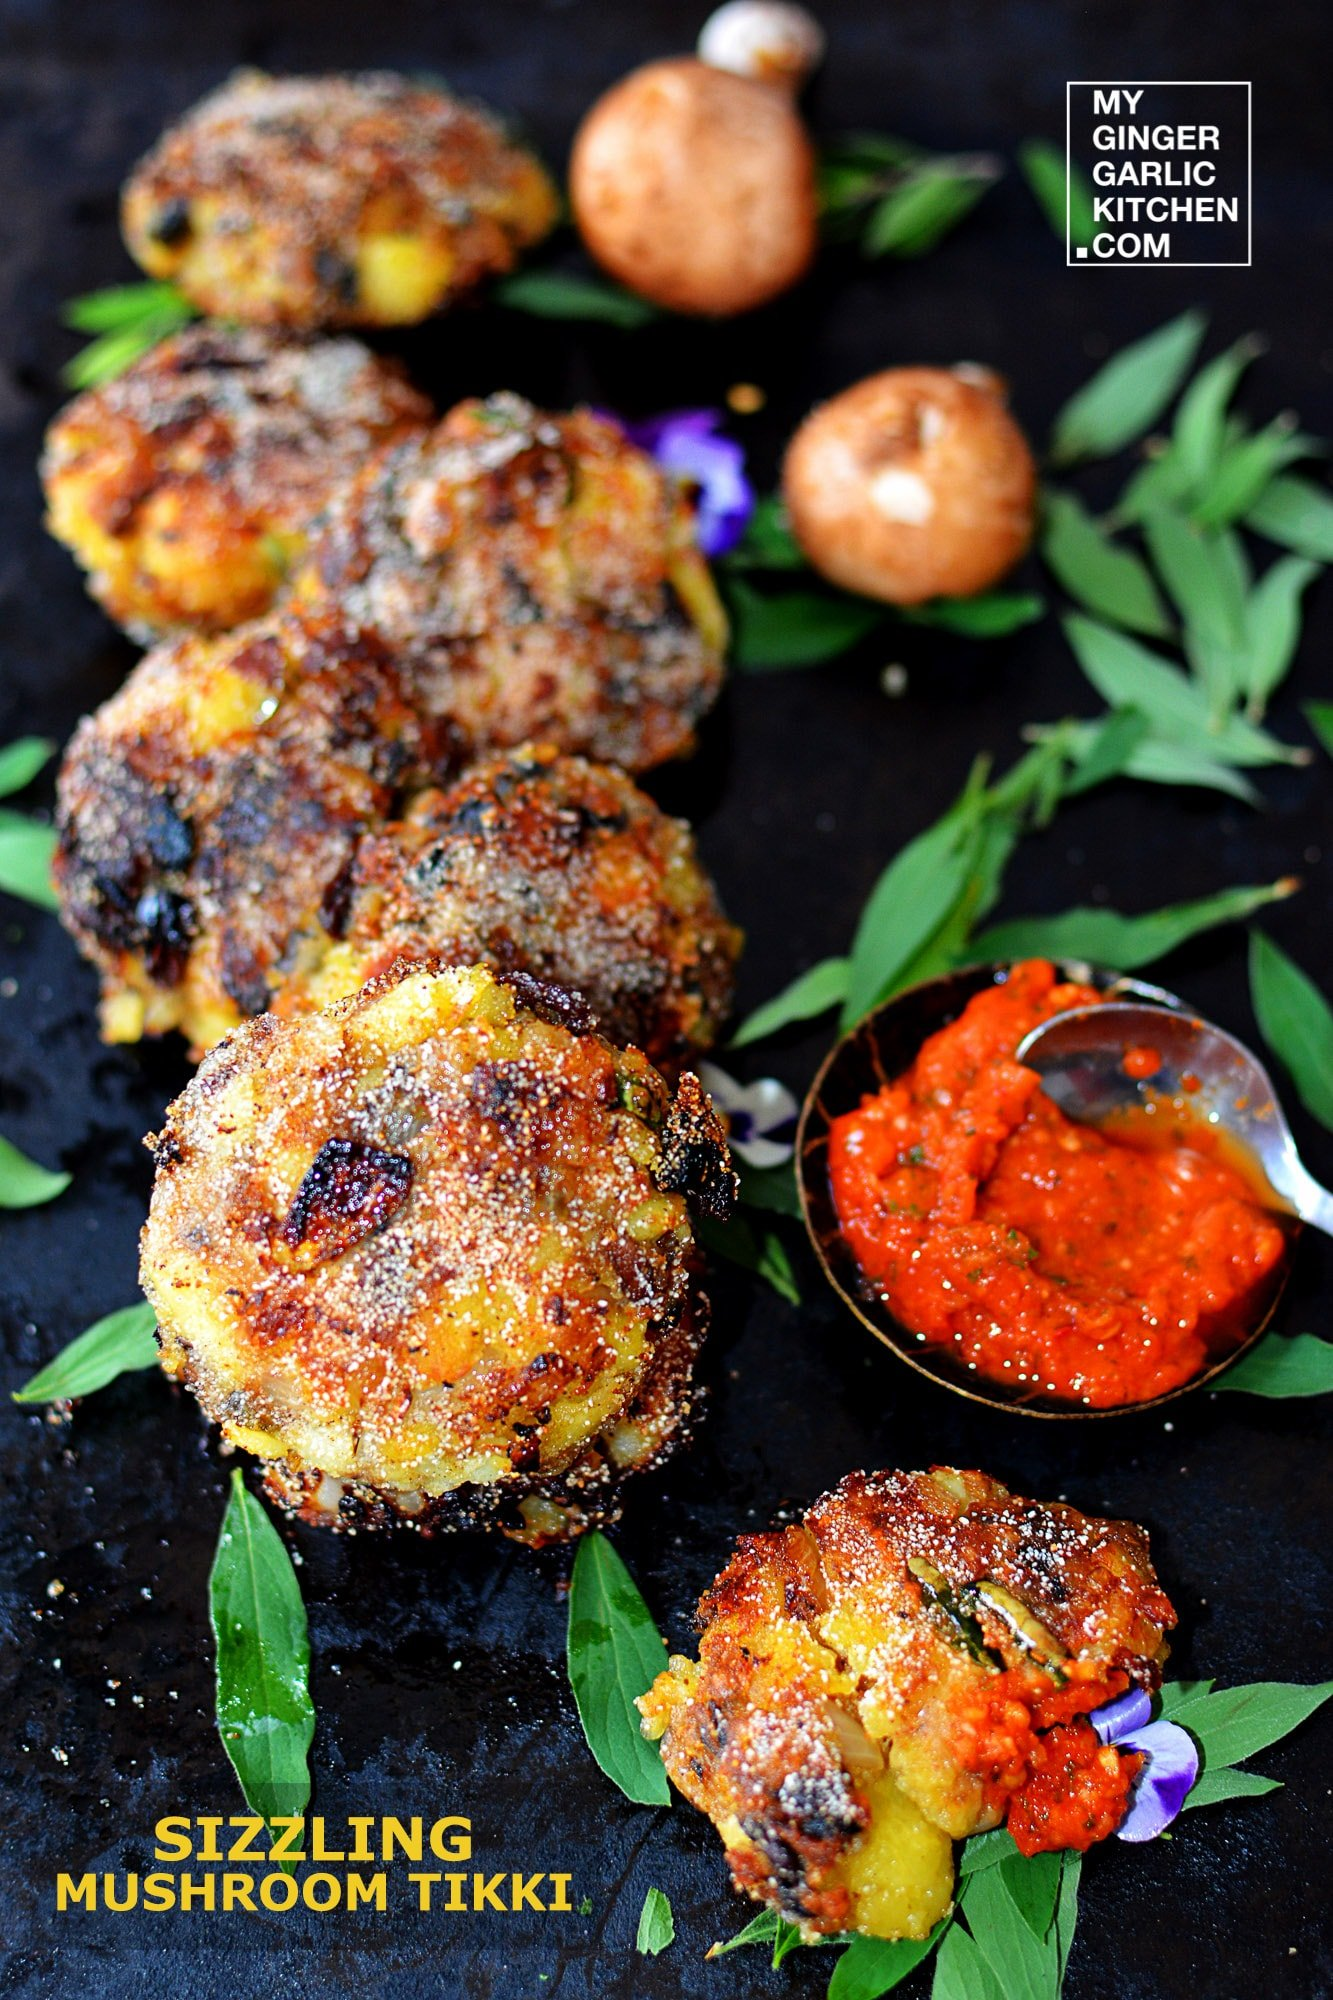 recipe-sizzling-mushroom-tikki-anupama-paliwal-my-ginger-garlic-kitchen-3